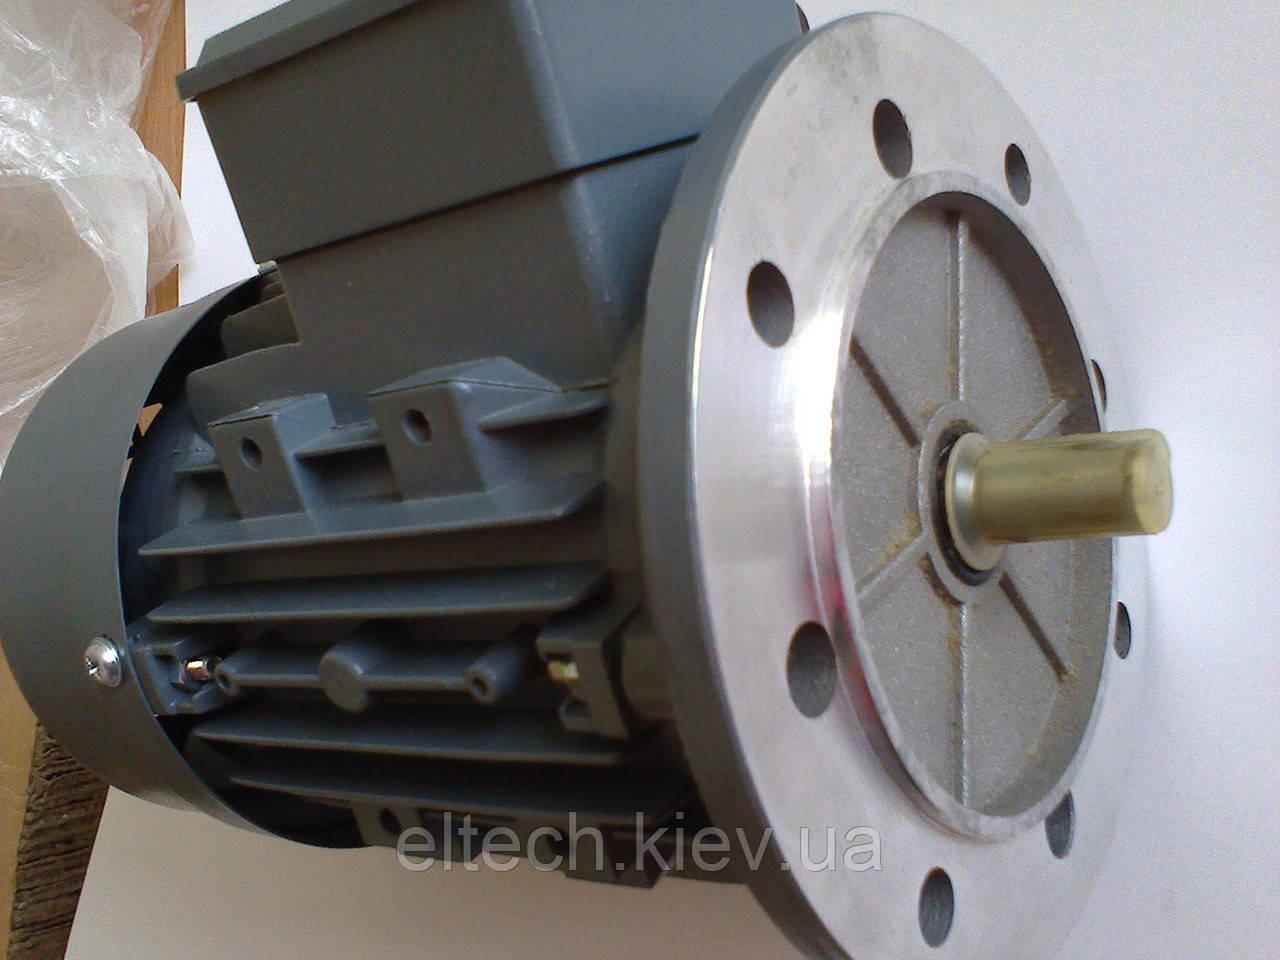 Электродвигатель асинхронный Lammers 13ВA-160M-4-В5-11квт, фланец, 1500 об/мин.